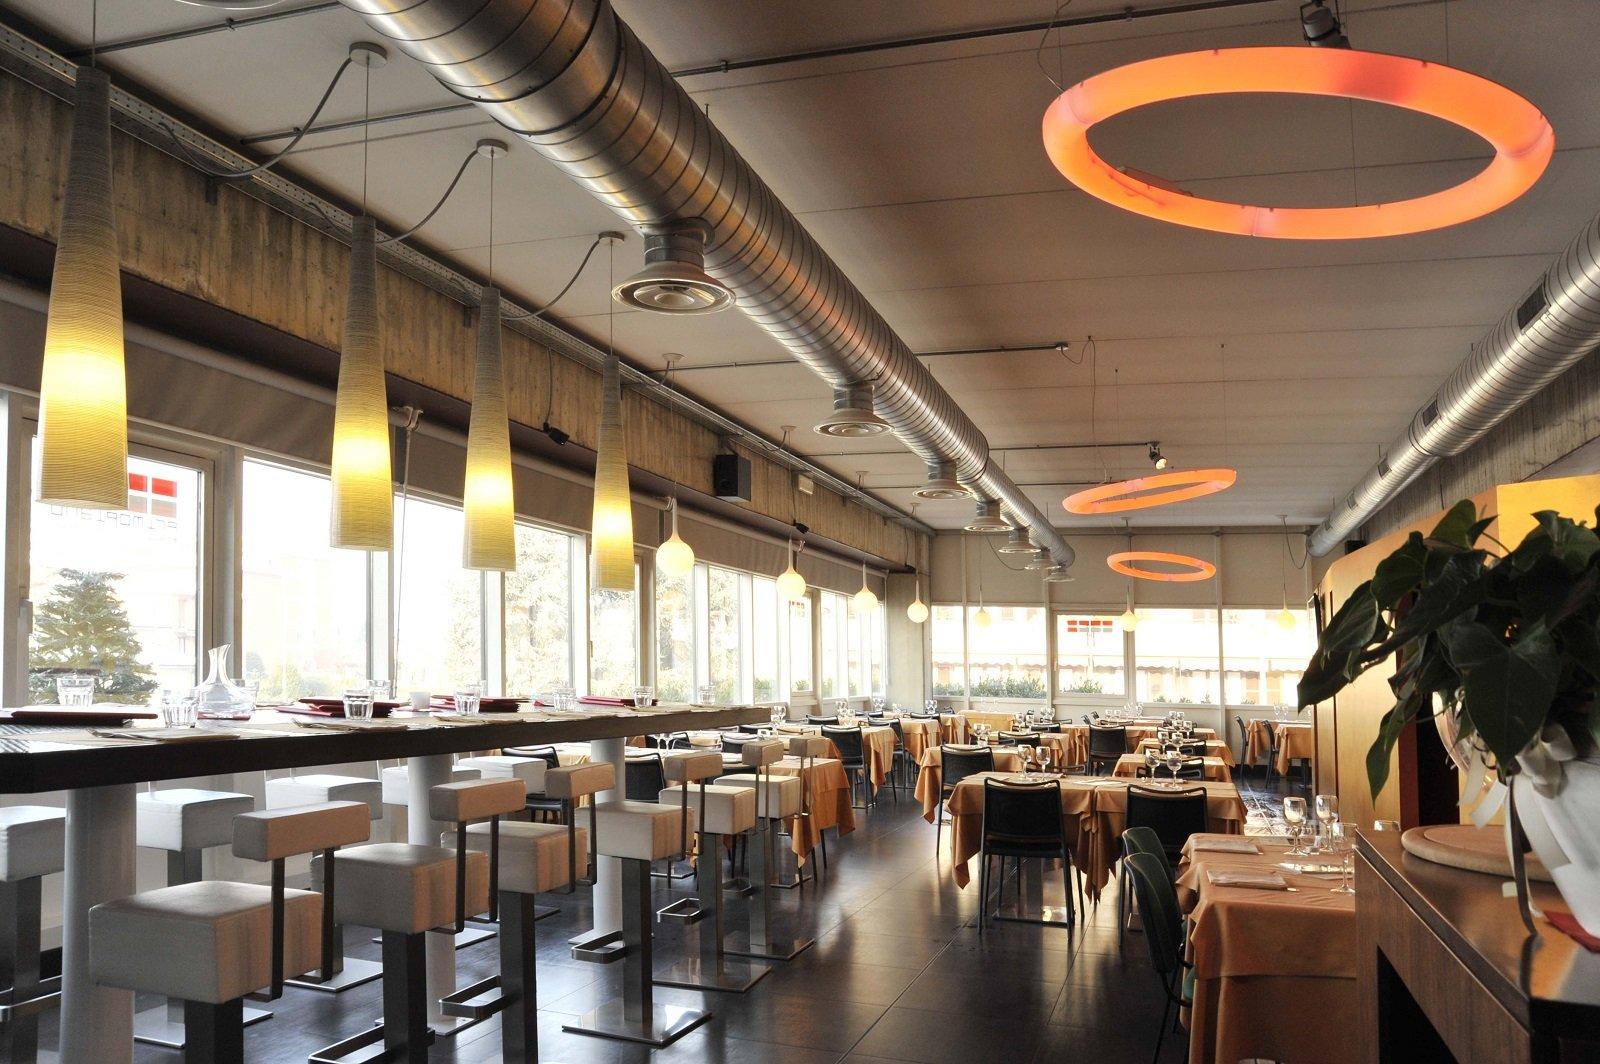 tavoli e sedie in un ristorante